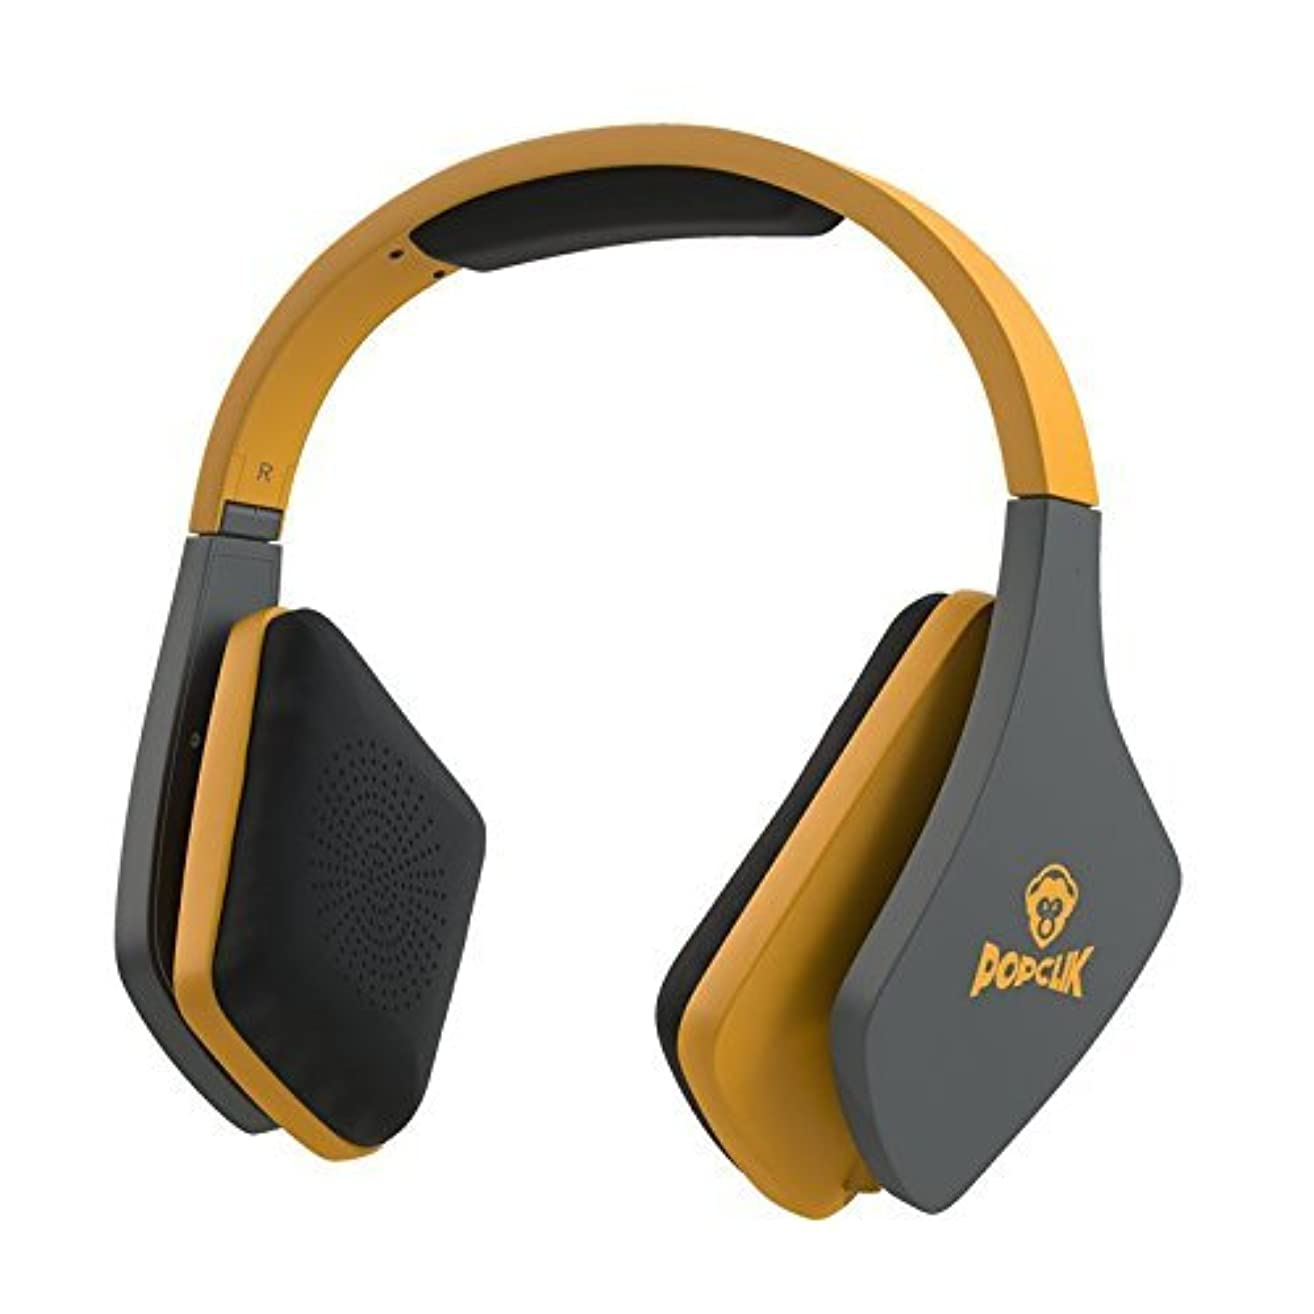 非効率的な安全性ラッシュPopClik JUMP! Pro Headphones in Yellow 40 mm Neodymium Magnet Driver Over the Ear 16 Ohms Impedance [並行輸入品]